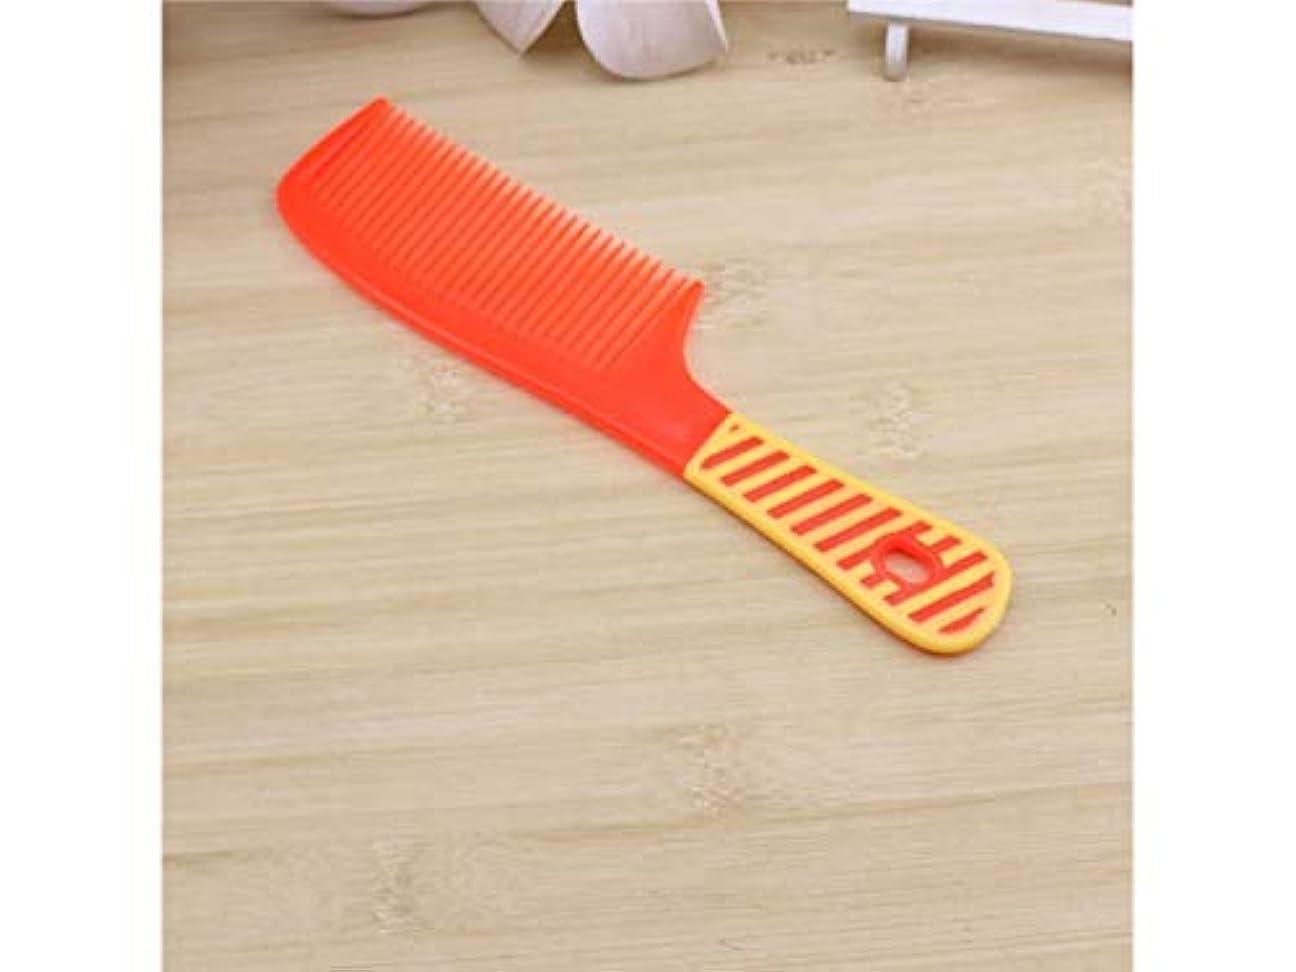 脅かす事実上ベーリング海峡耐久性 カラープリントコームストライプキャンディーカラーワイド歯ブラシ (色 : Red)